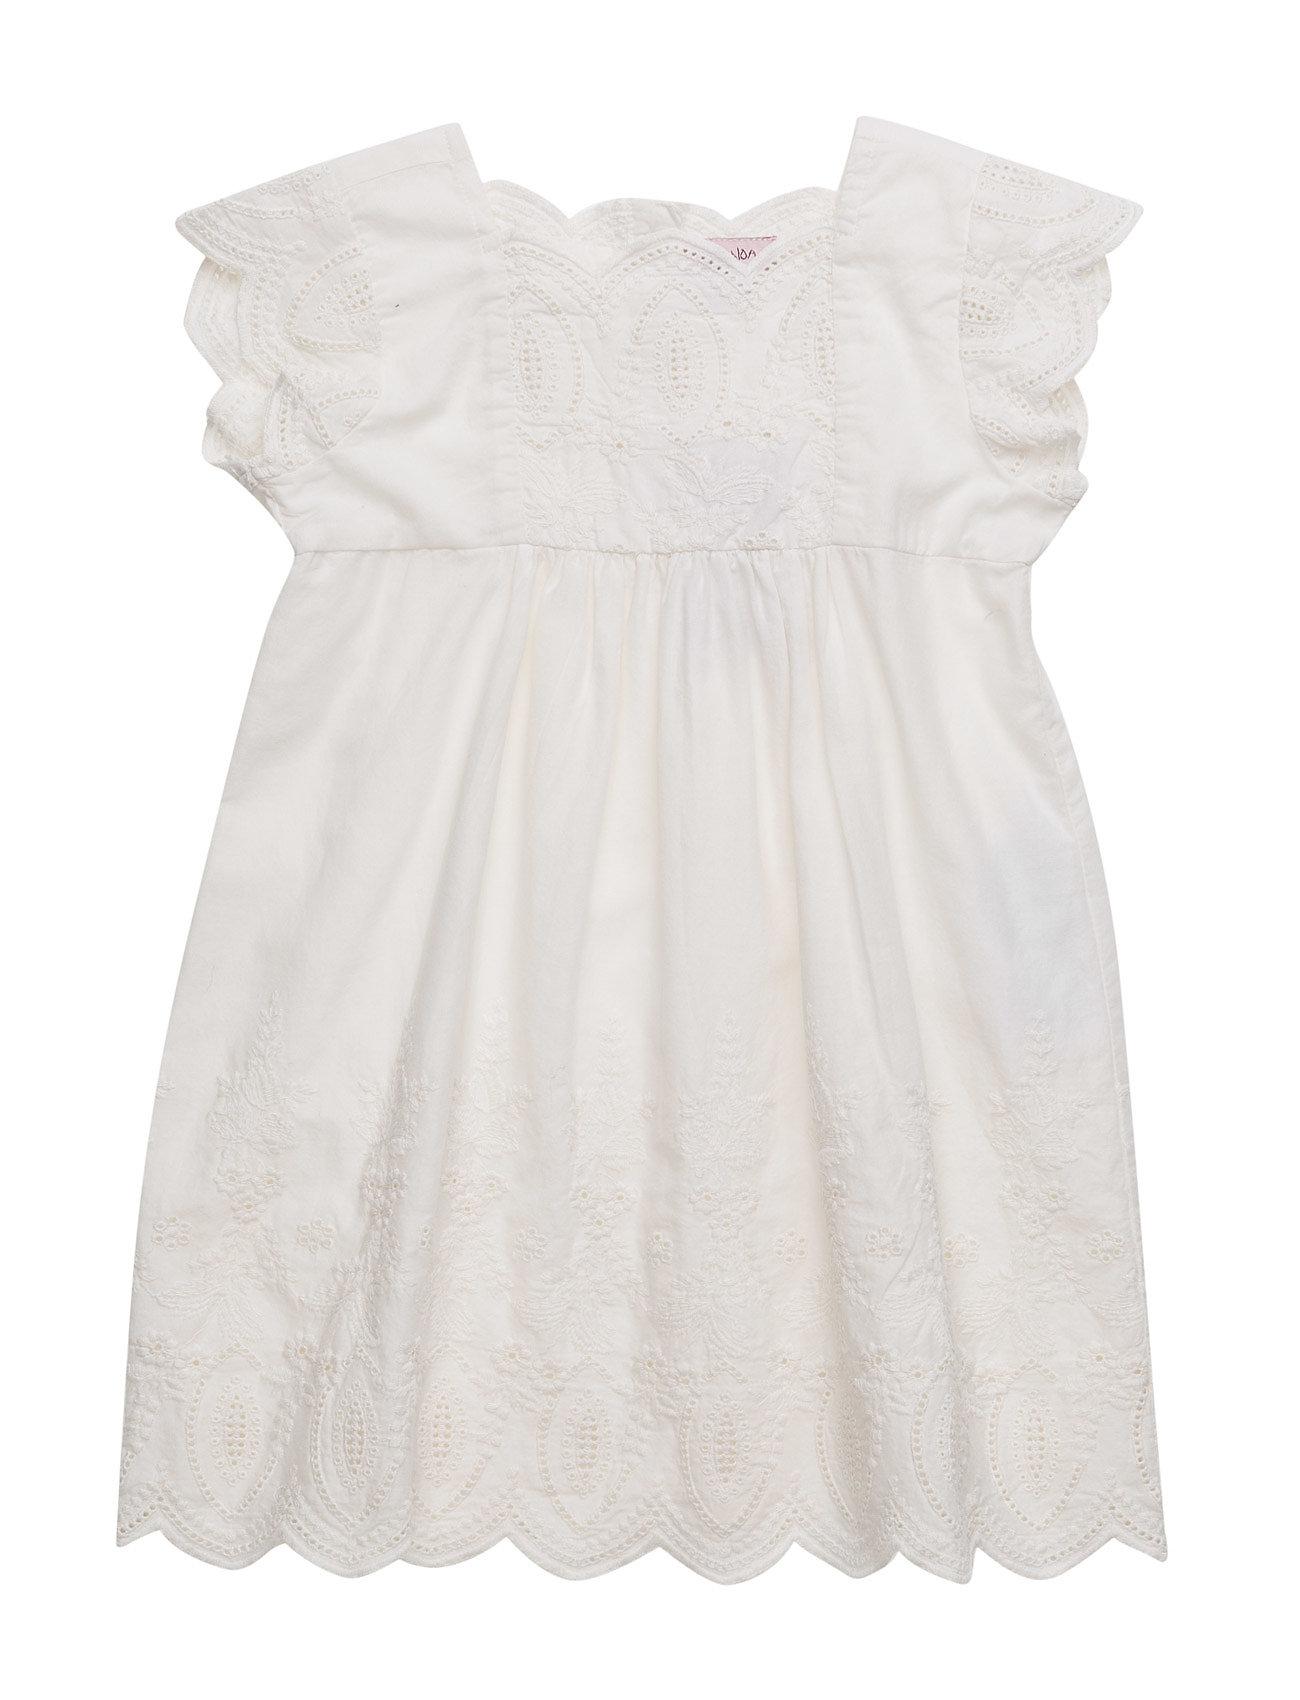 Supercoola Dress Short Sleeve Noa Noa Miniature Klänningar till Barn ... 207c60d269da0